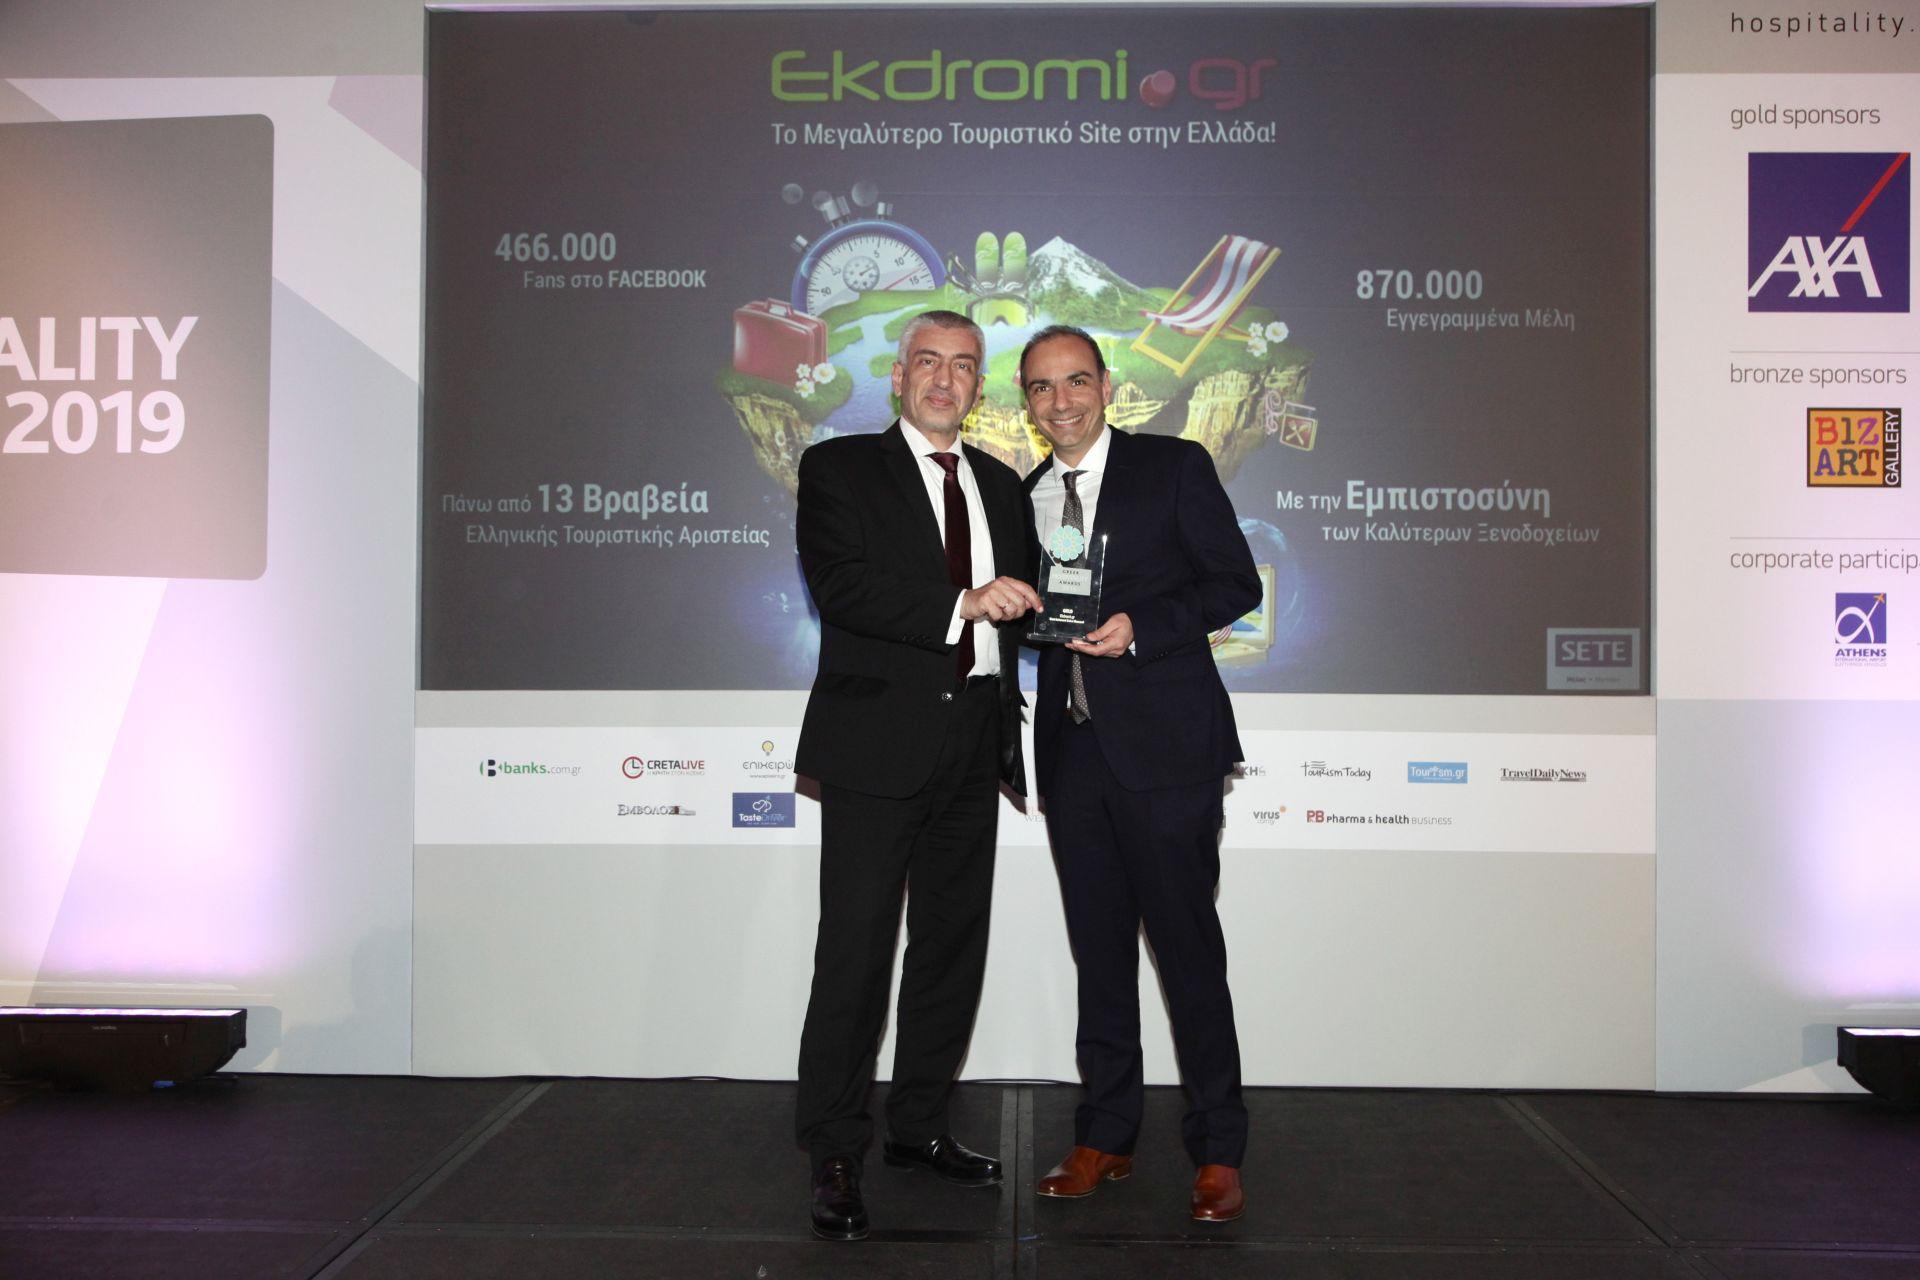 Ο Αργύρης Μάνιος, Εμπορικός Διευθυντής του Ekdromi.gr, παραλαμβάνει το χρυσό βραβείο Best Internet Sales Channel.